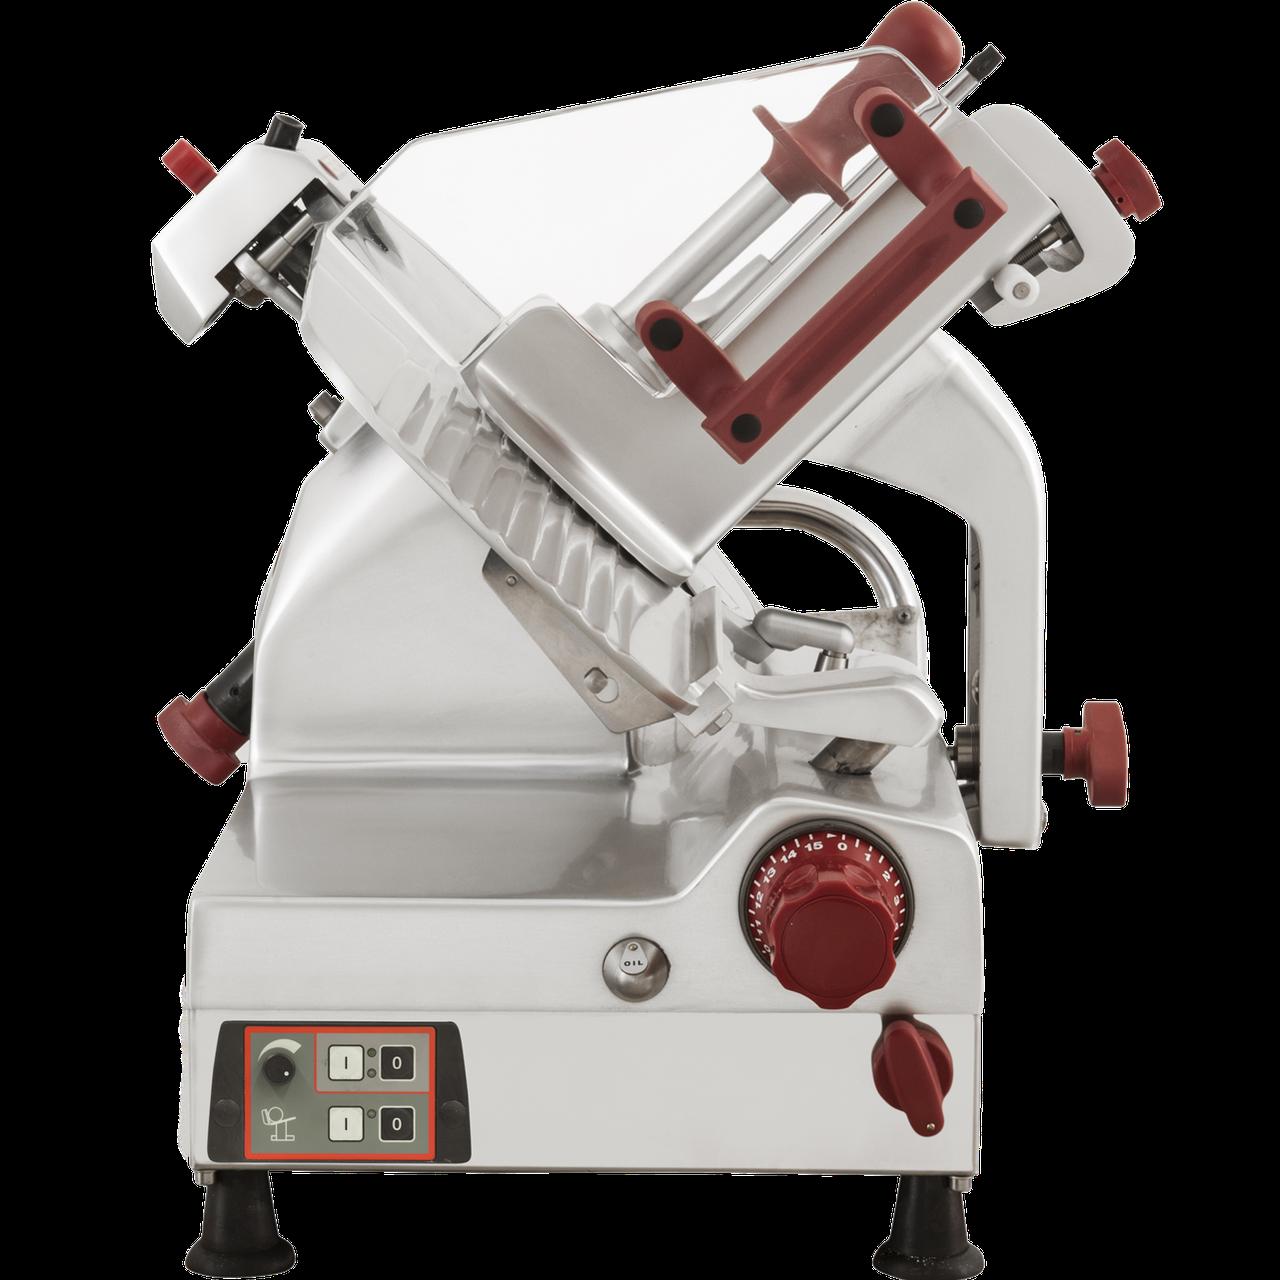 Слайсер - ломтерезка Berkel Red Line GL AUTO, размер A, автоматический, профессиональный